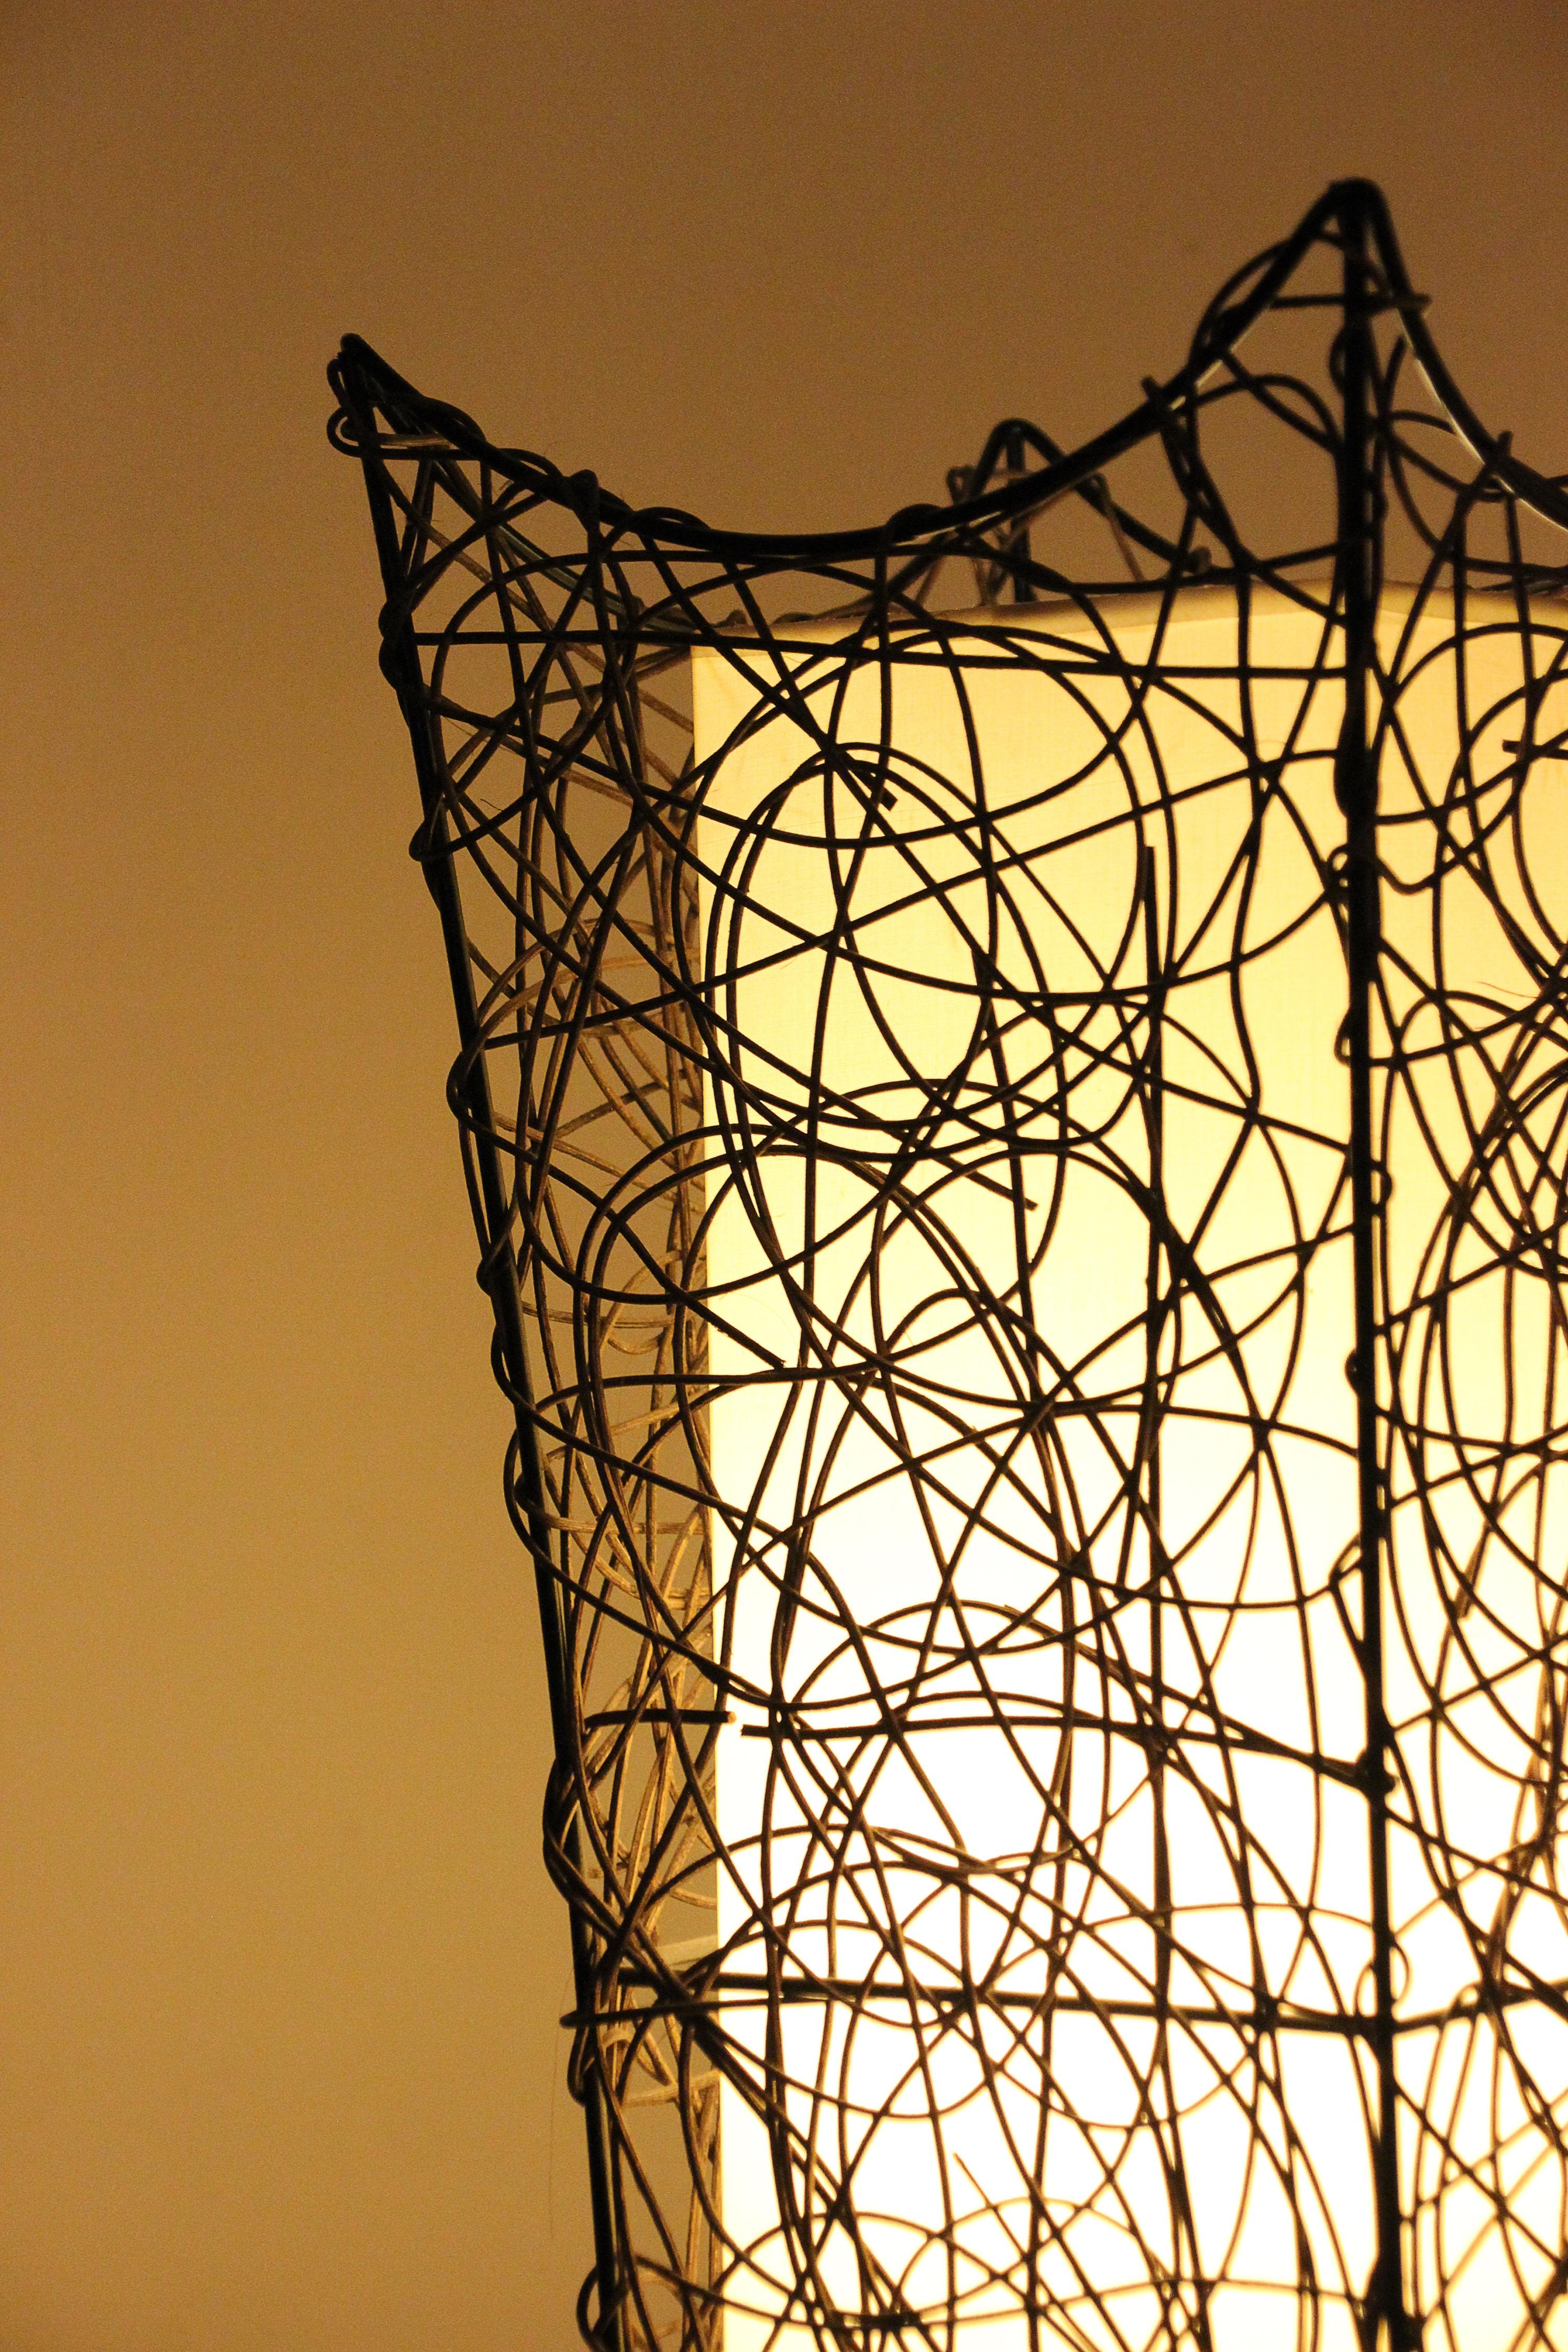 Gambar Cabang Kawat Garis Lampu Penerangan Bahan Lingkaran Wiring Rumah Cahaya Pagar Ranting Bersih Simetri Neraka Besi